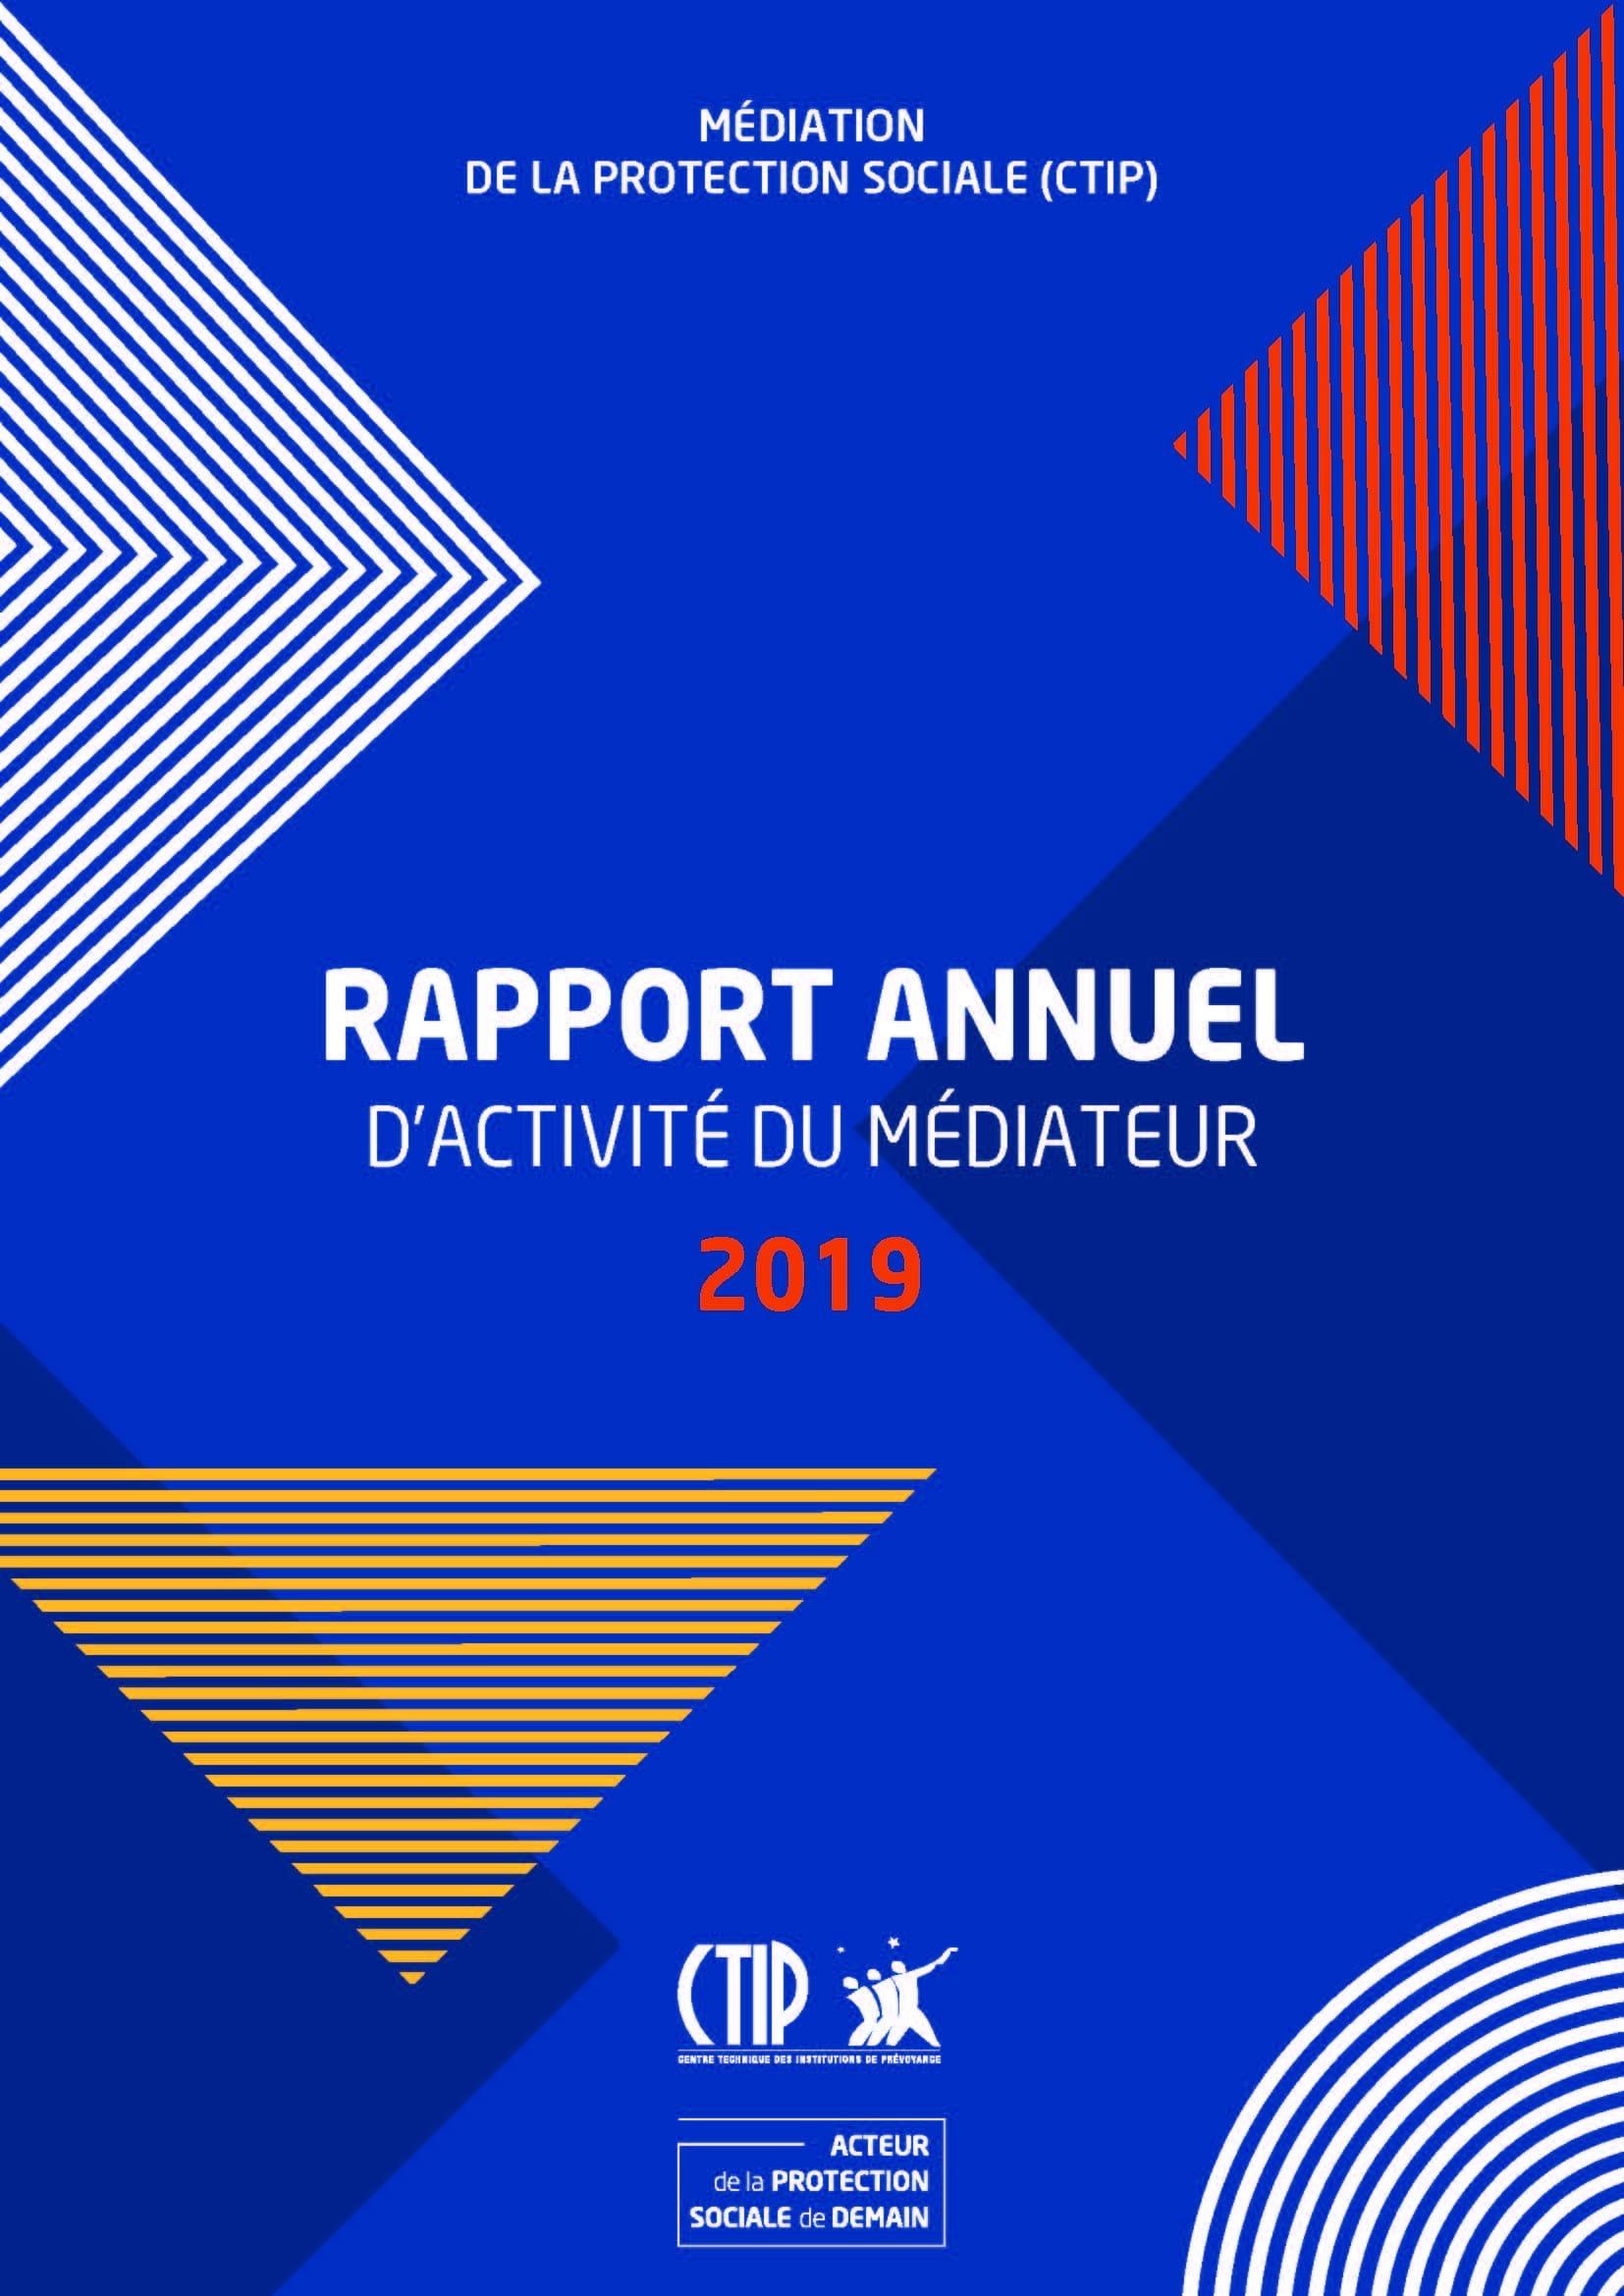 Rapport annuel d'activité du Médiateur 2019